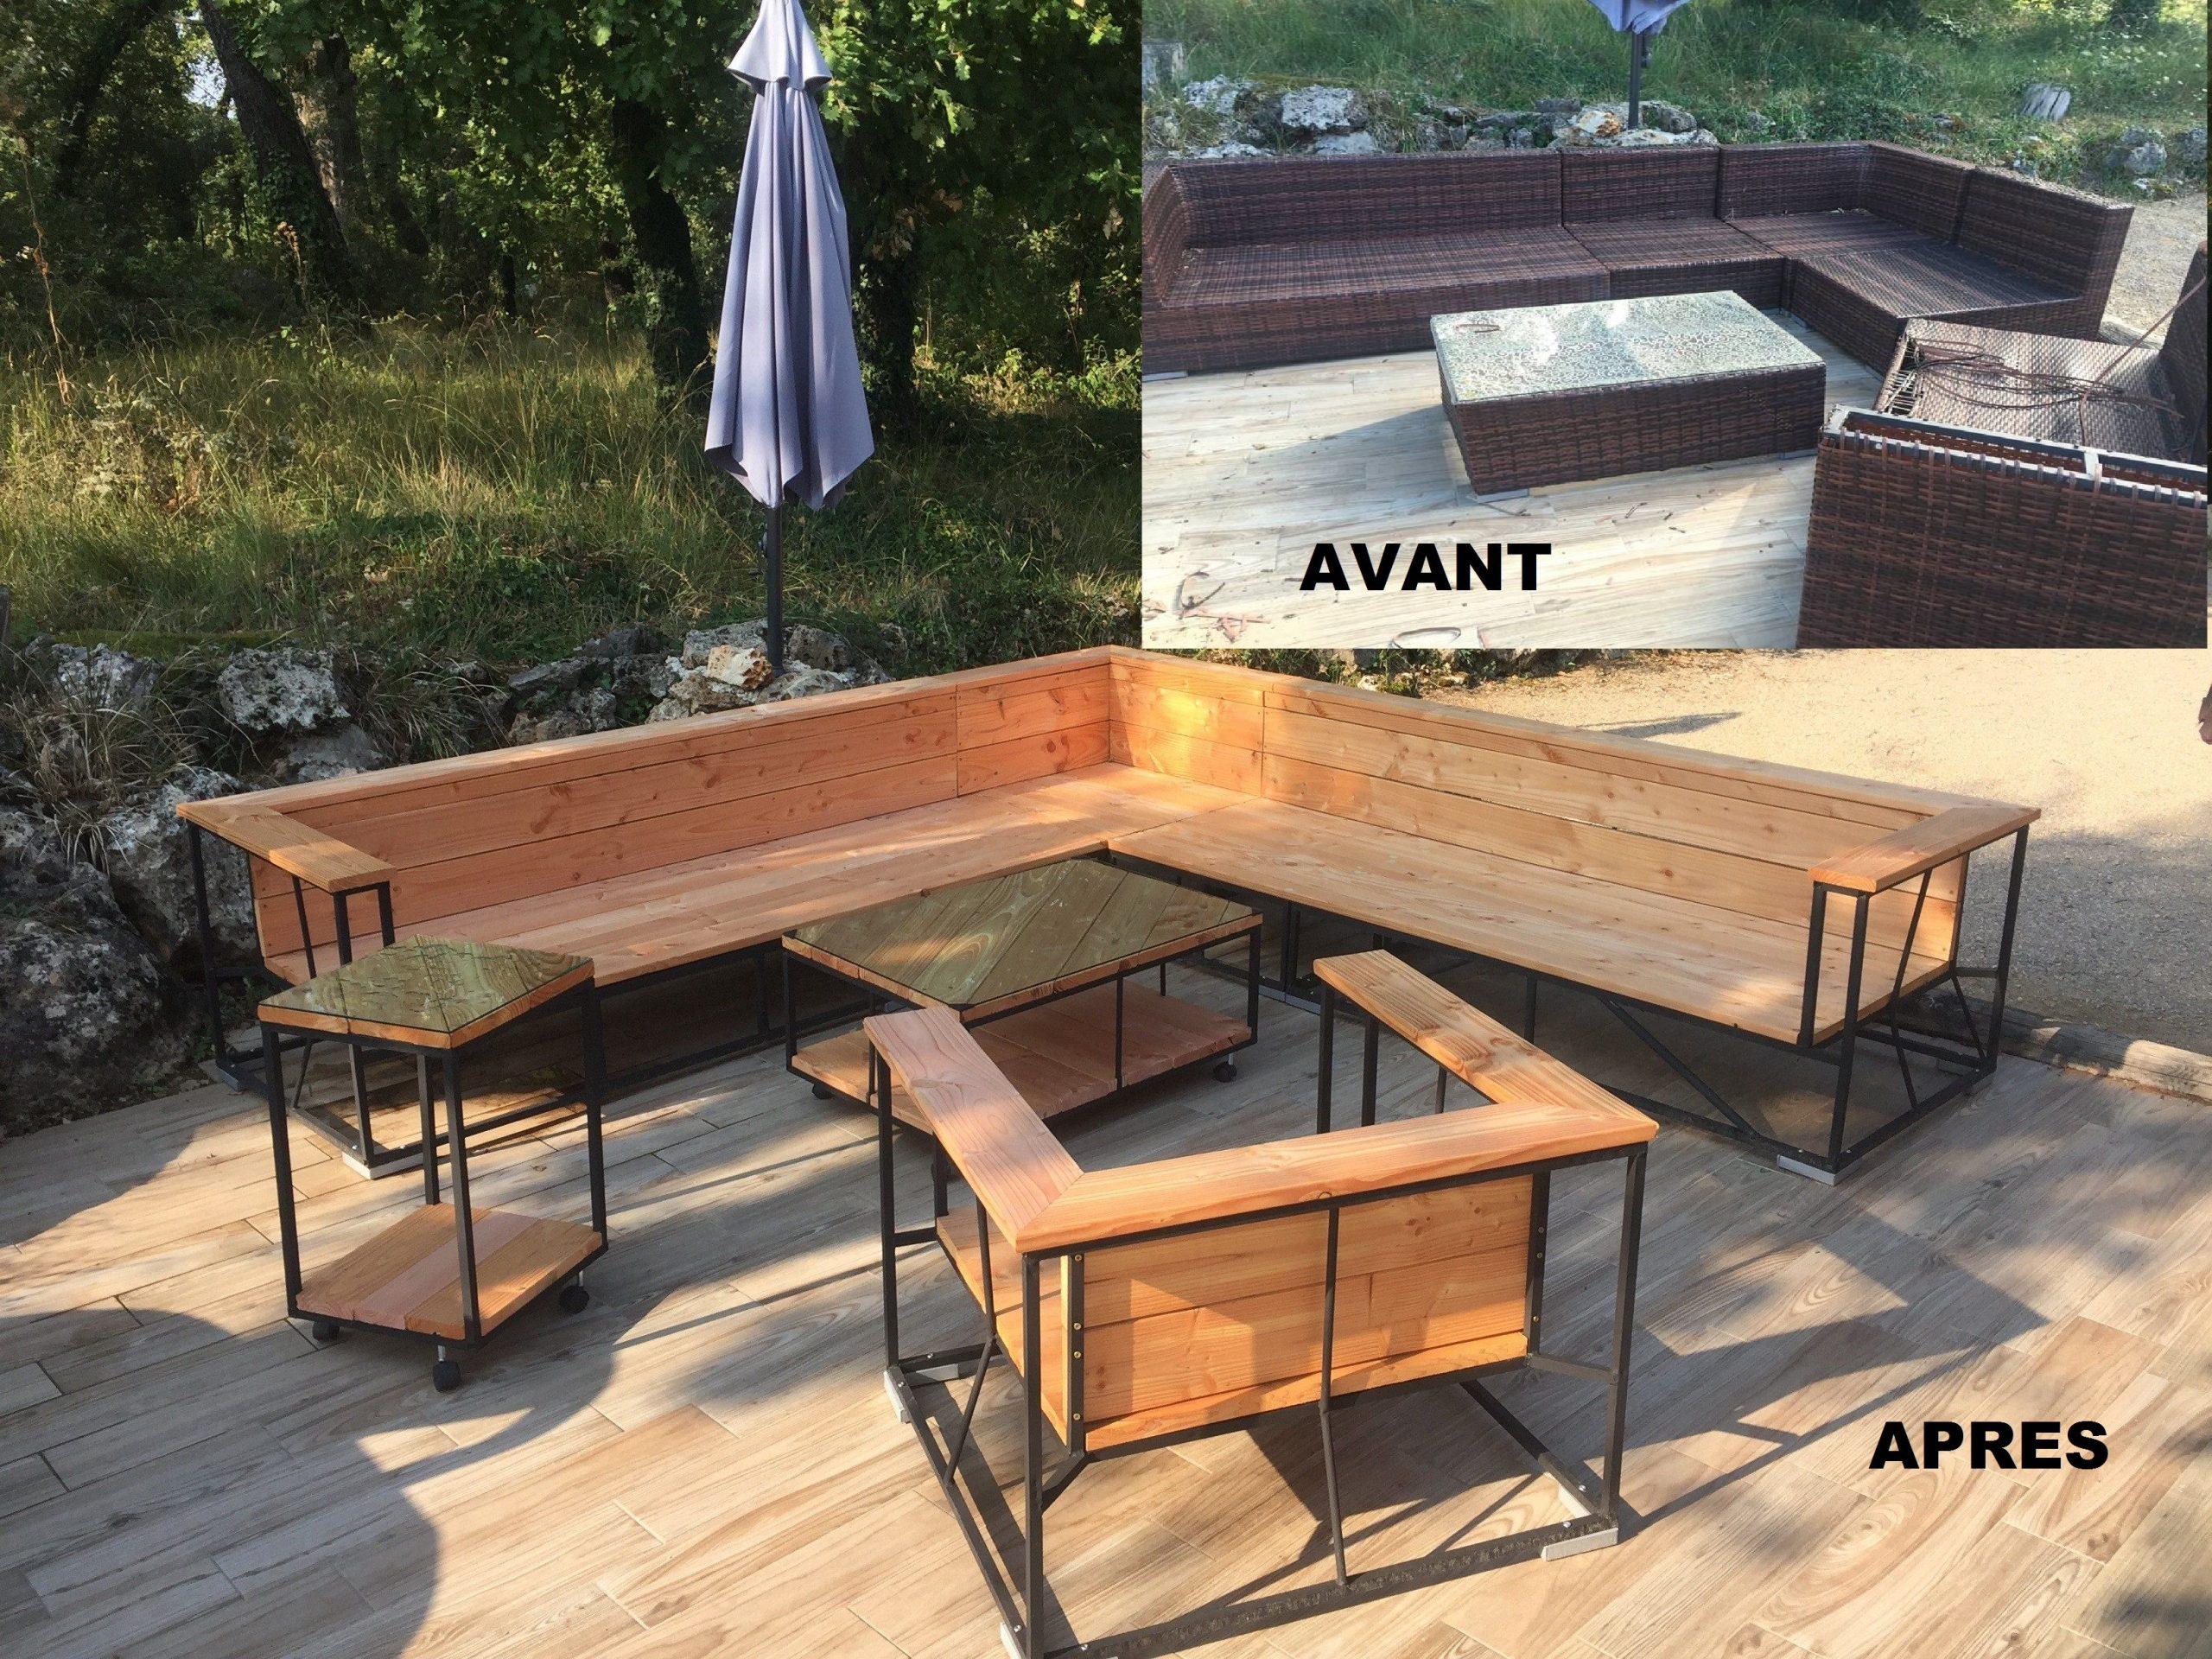 Rénovation Salon De Jardin Résine En Bois Douglas Lames De ... pour Plan Pour Fabriquer Une Table De Jardin En Bois